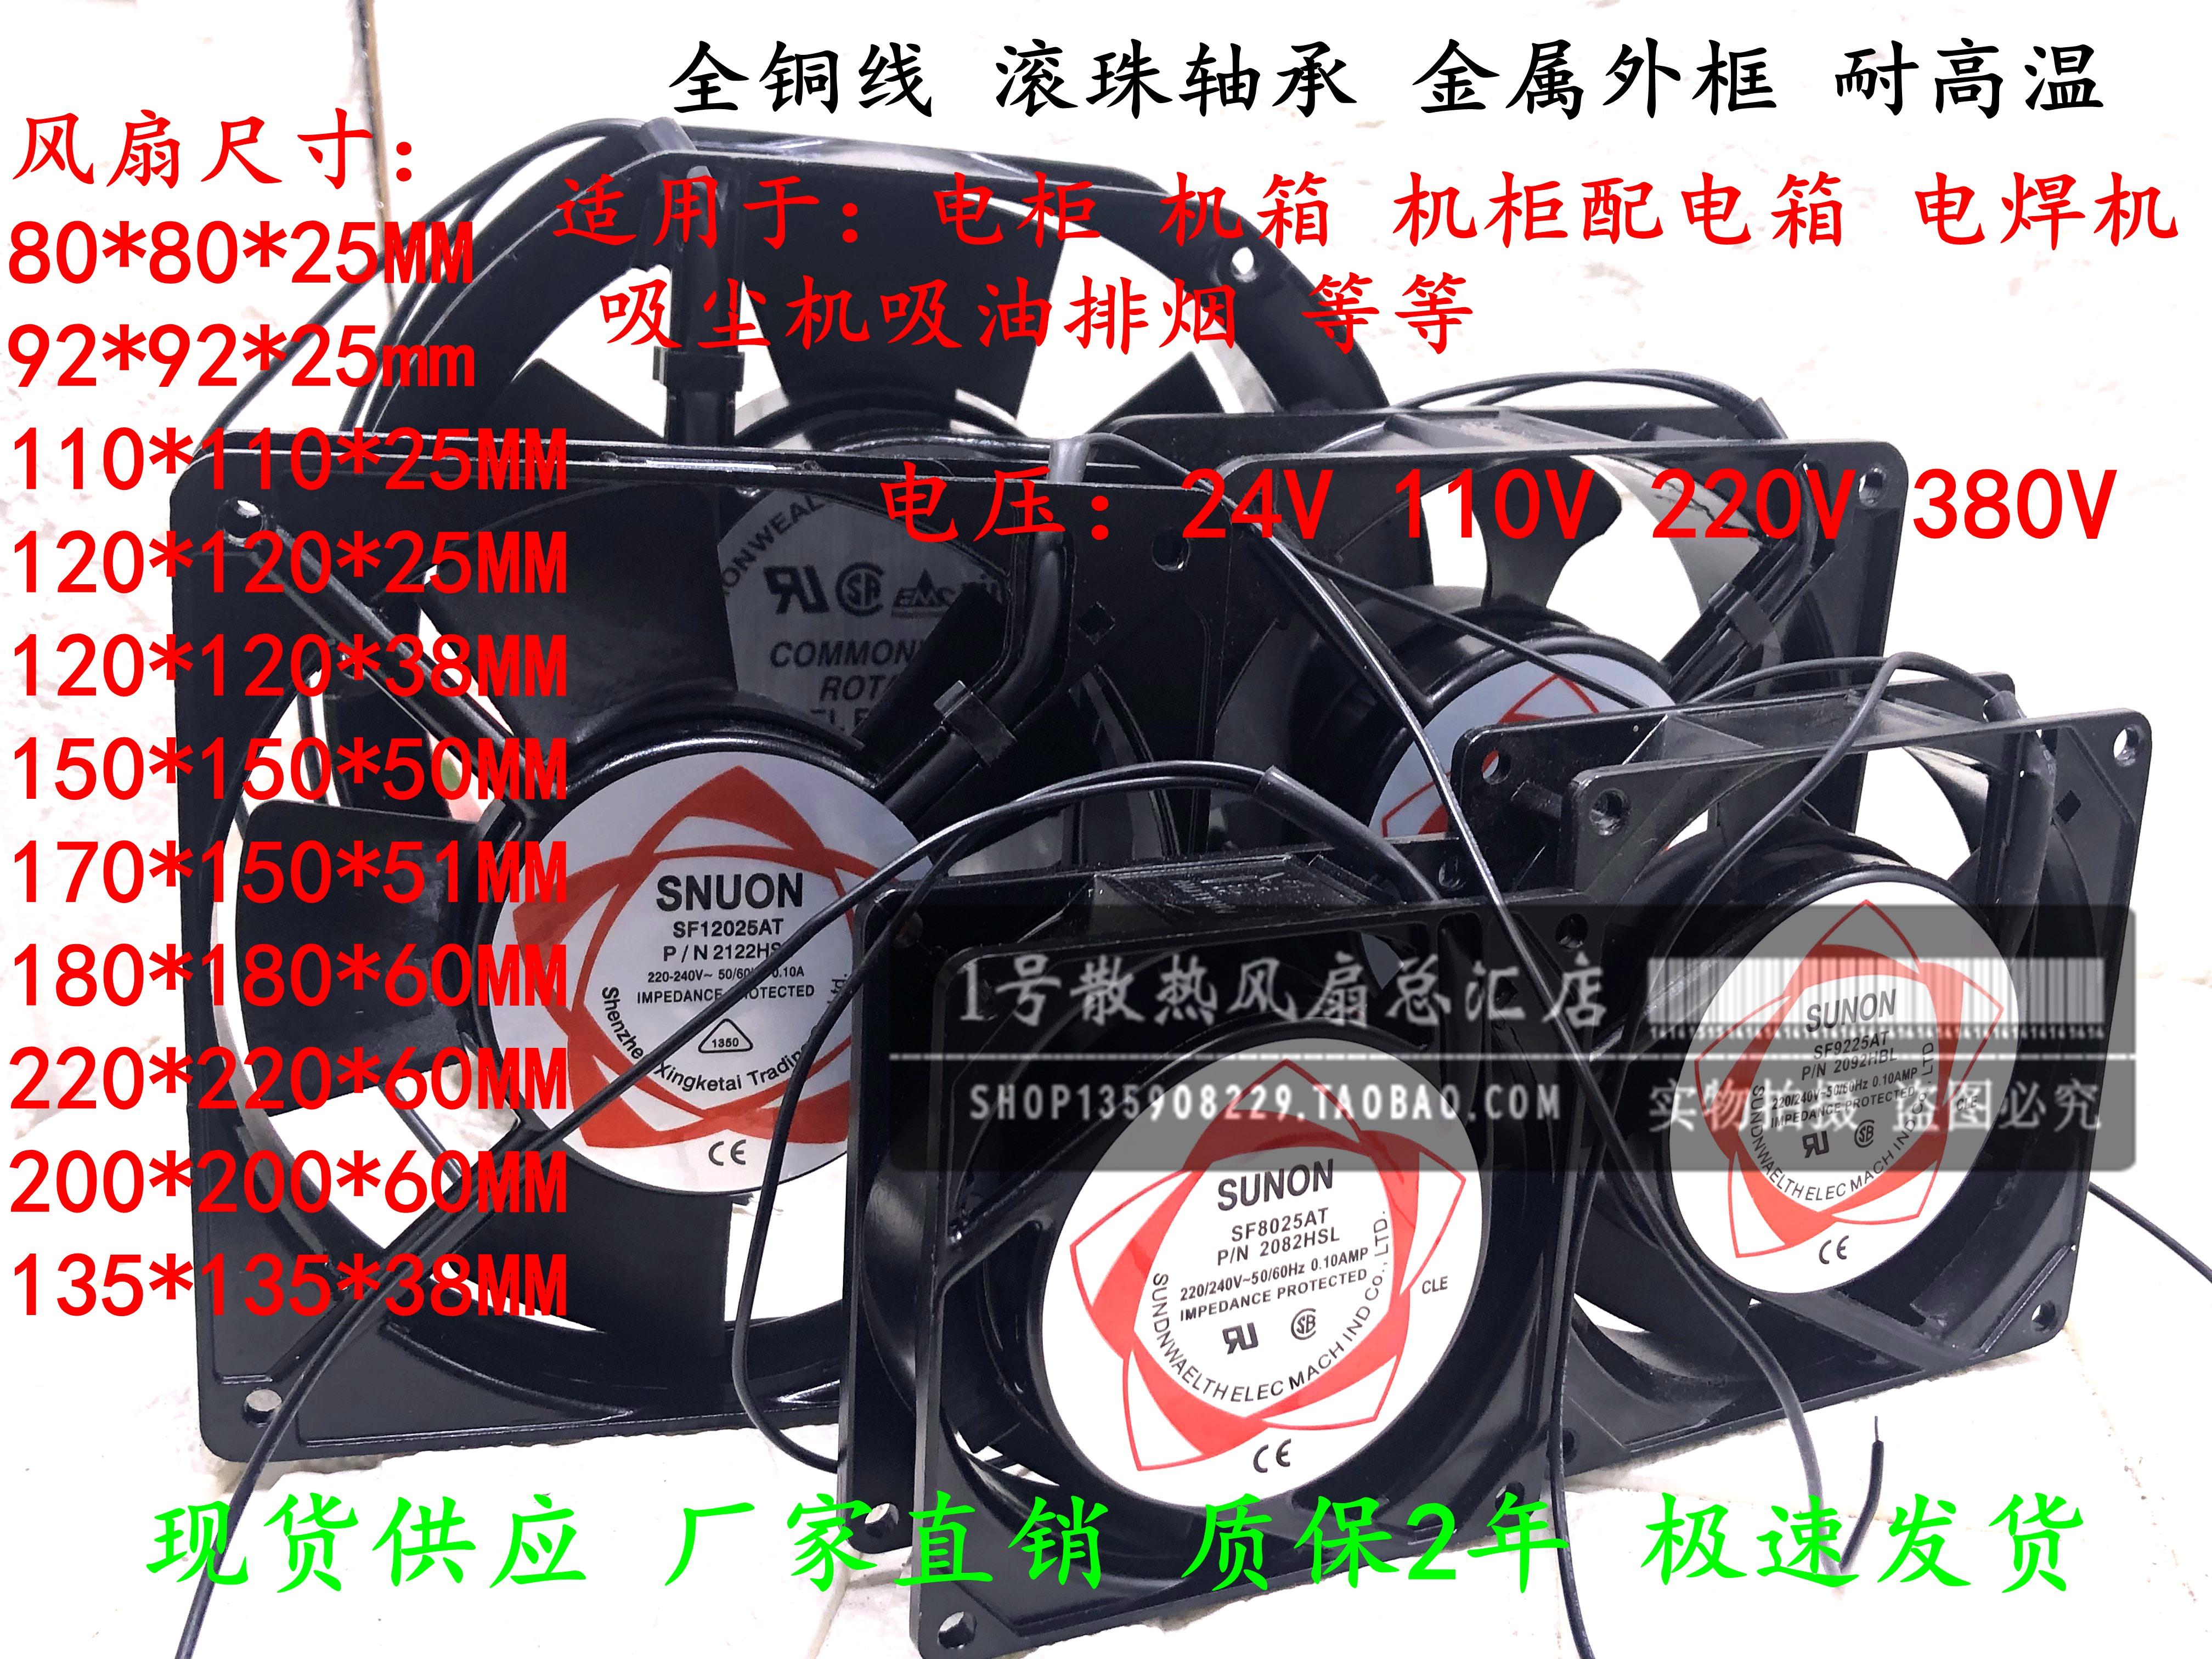 现货小型轴流风机220v静音大风工业配电柜机柜散热风扇380v排风扇